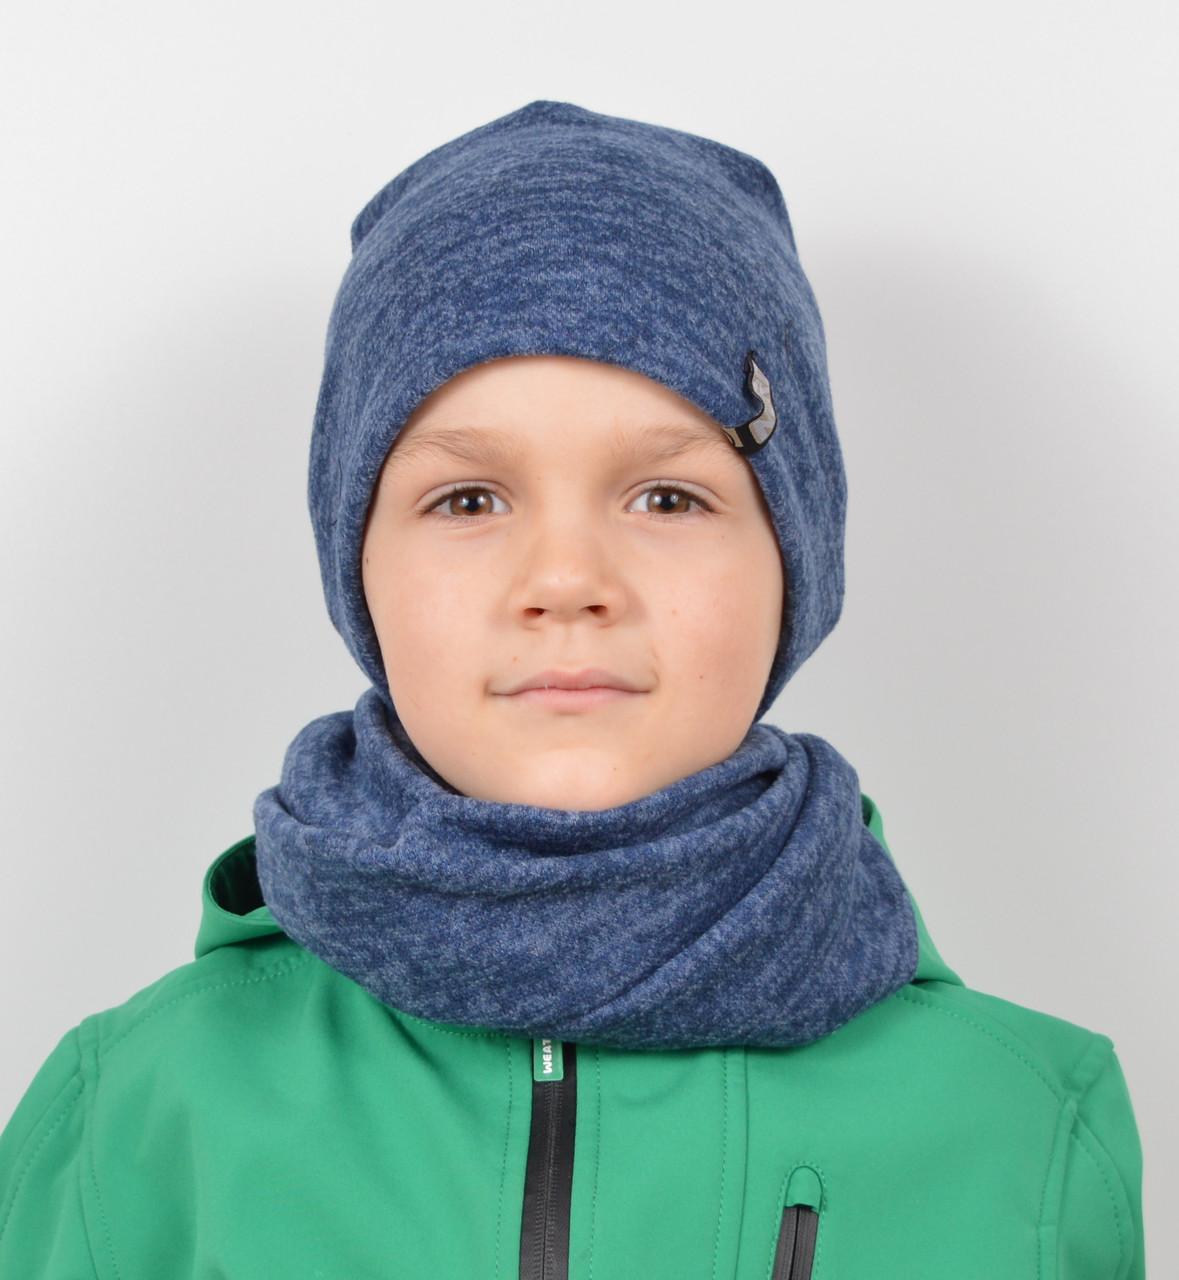 Трикотажный комплект(шапка+хомут)Ангора меланж